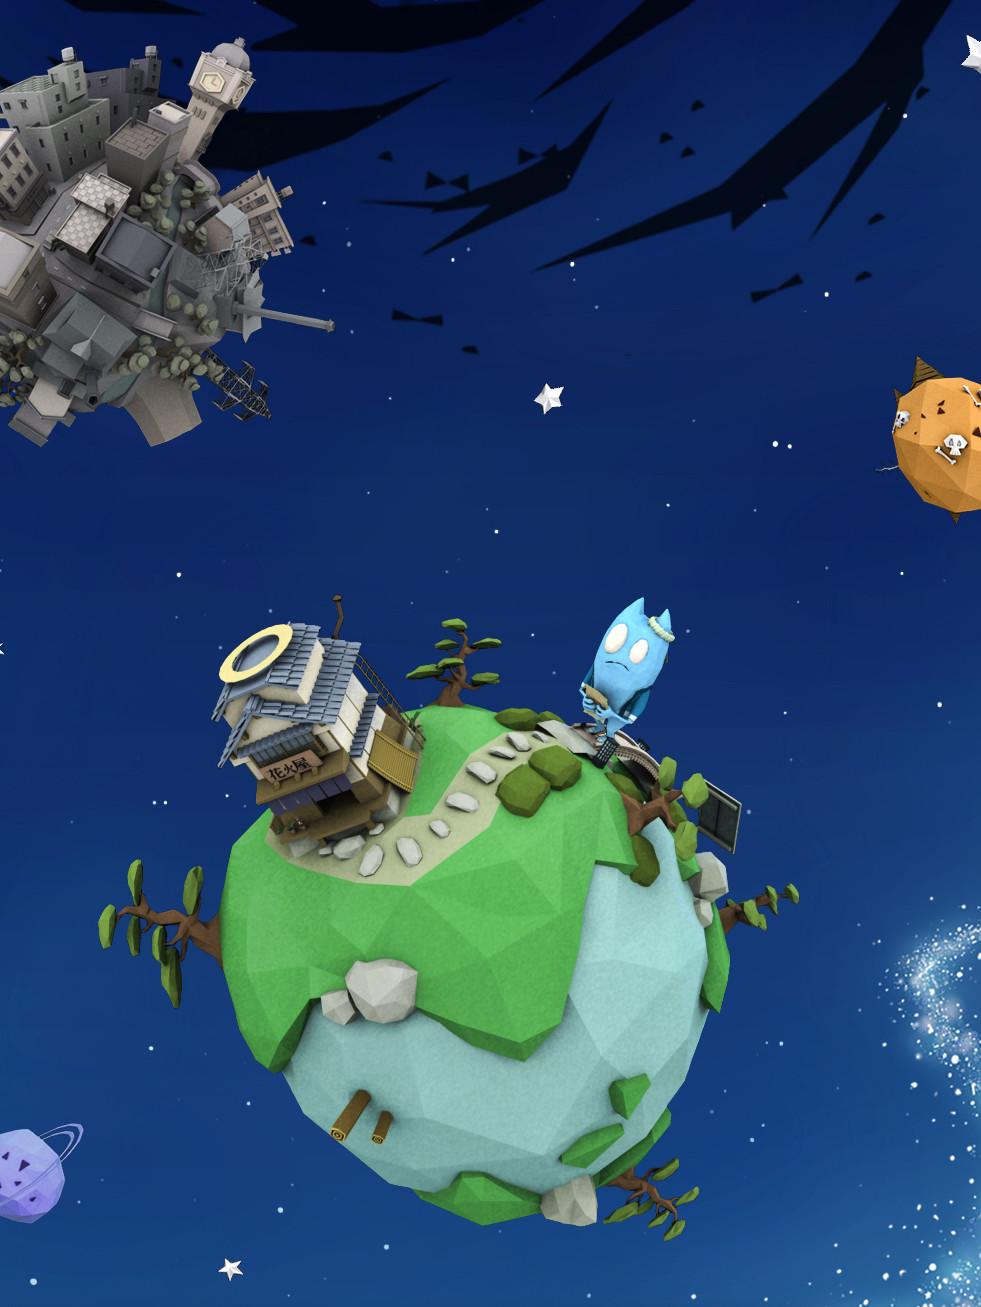 Dwarf Plantes - Animated Short